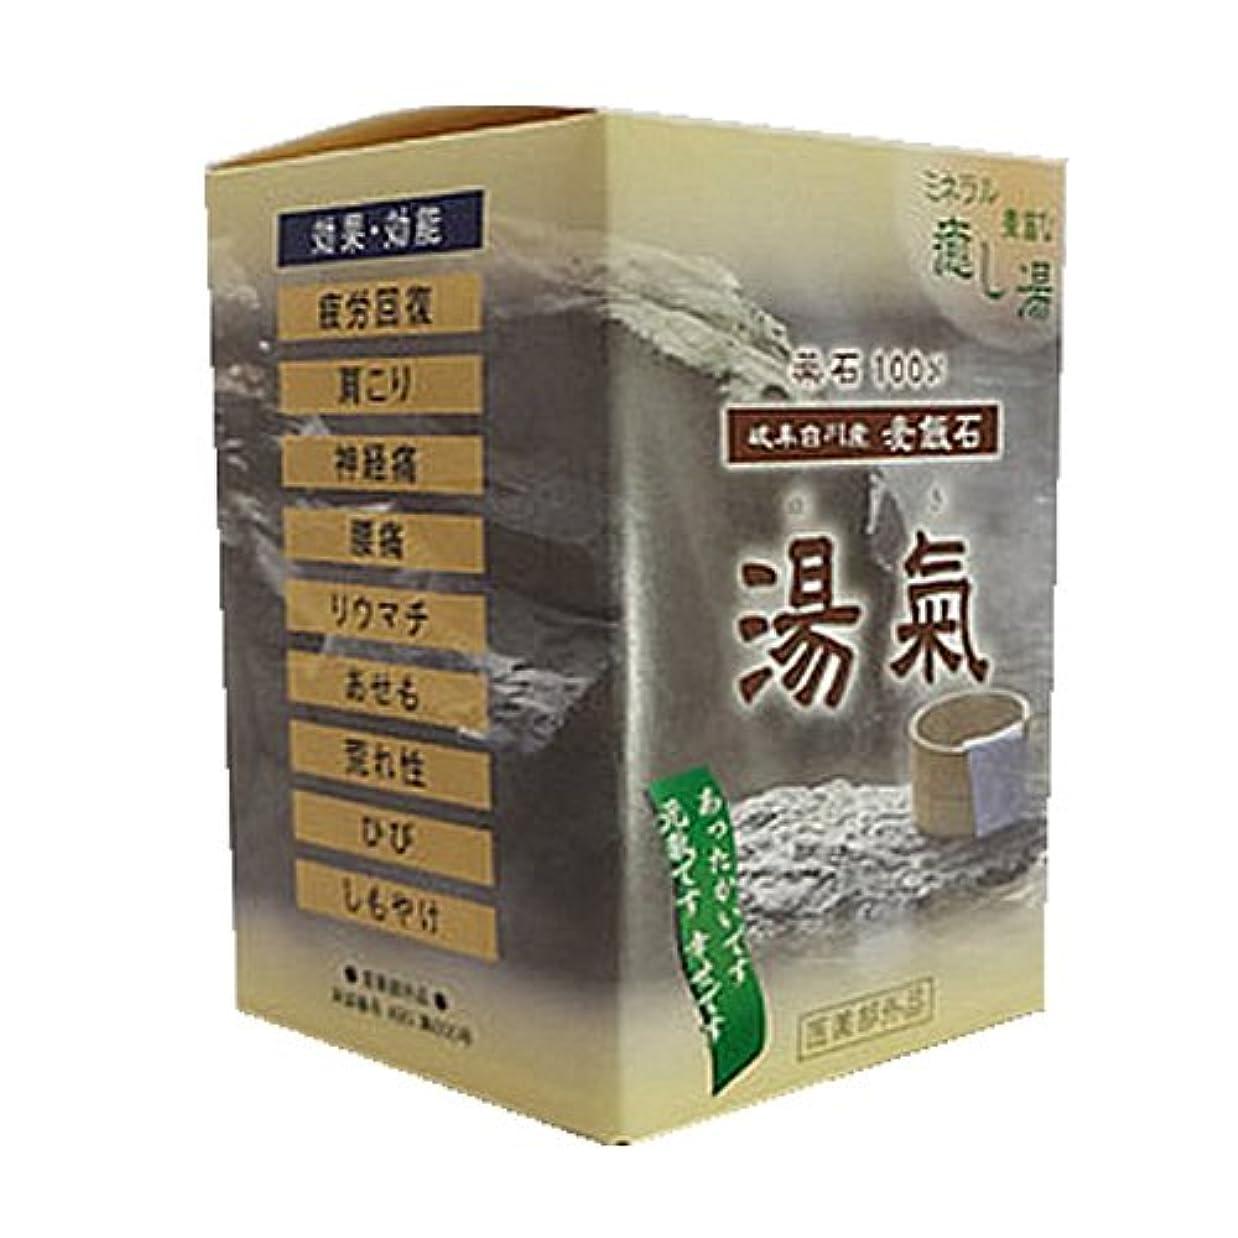 深さレール子羊医薬部外品 岐阜白川産麦飯石 湯気(ゆき) K11781